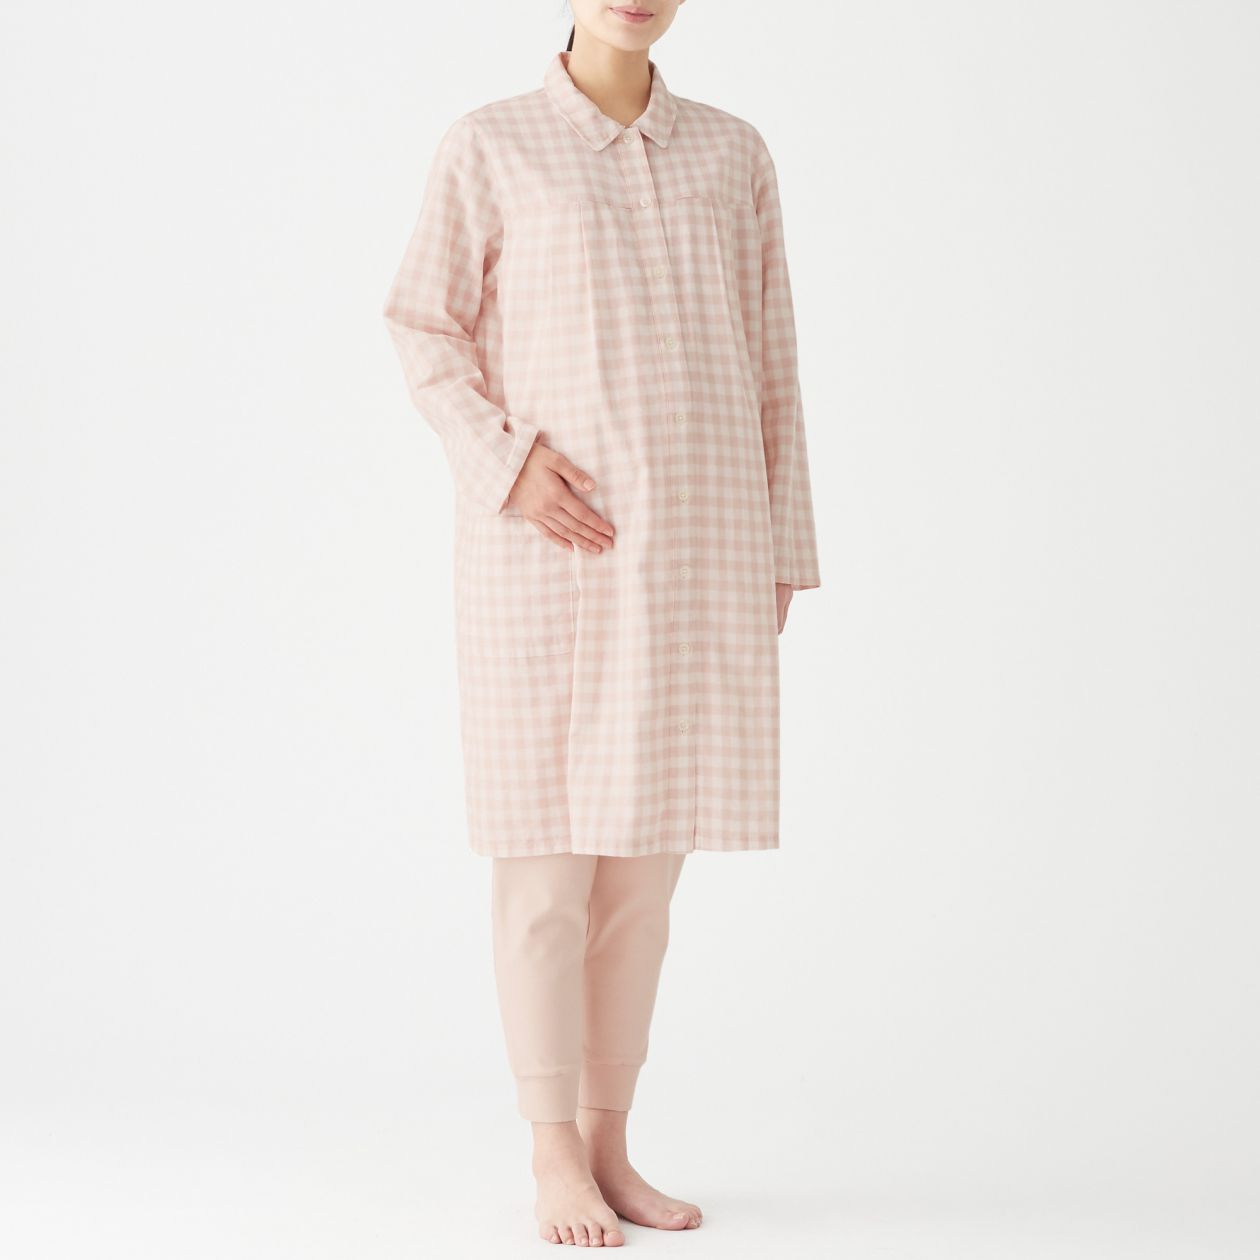 無印良品『脇に縫い目のない二重ガーゼ授乳に便利な長袖パジャマ(ロング)』